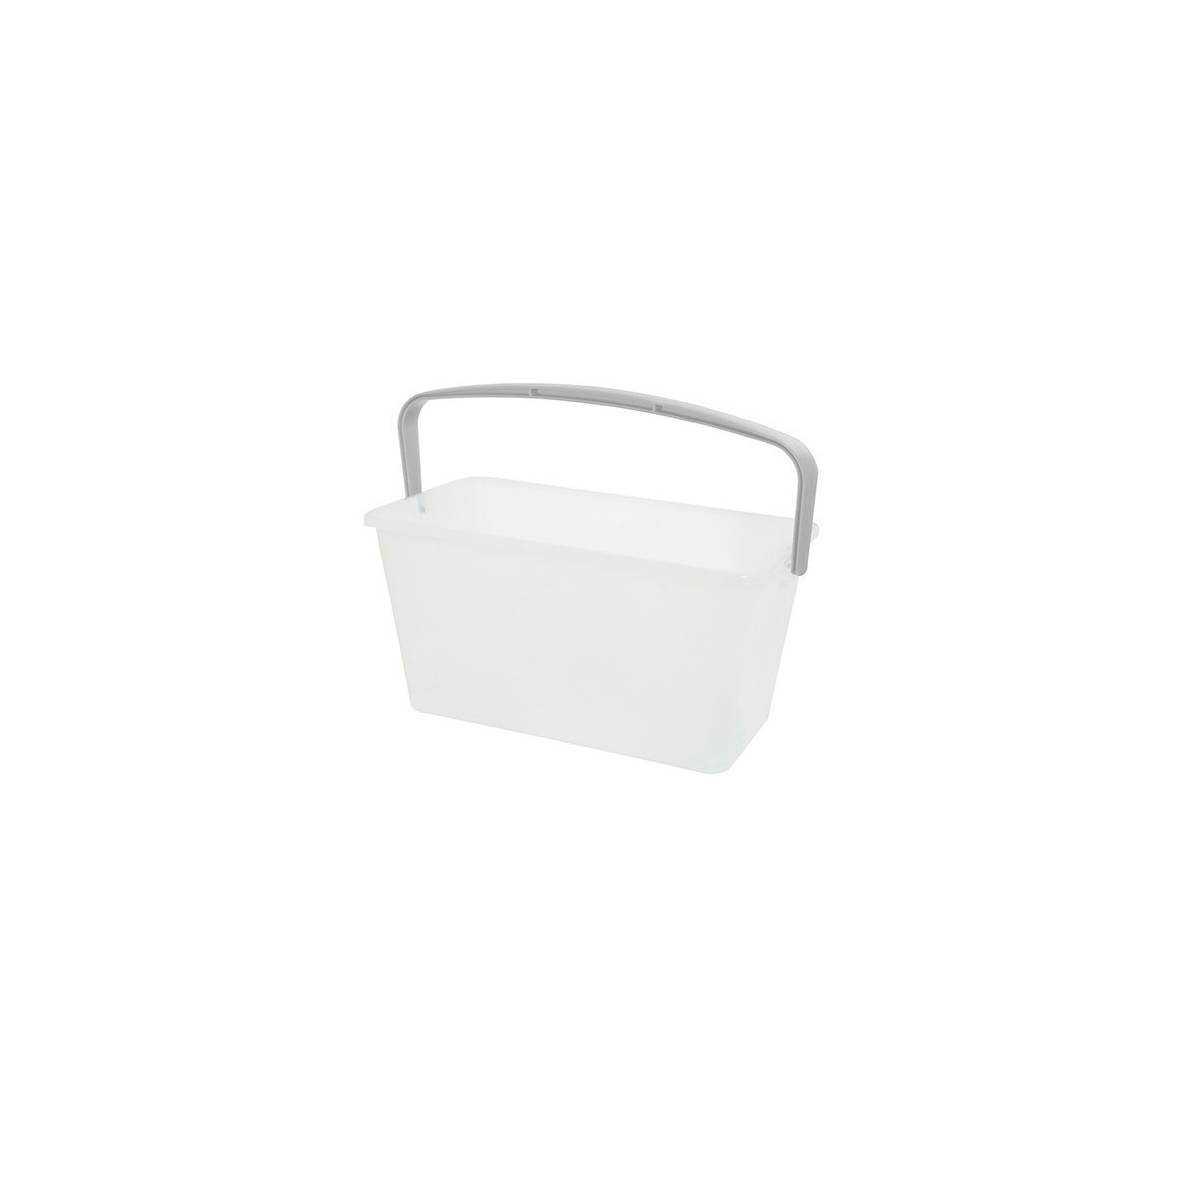 Ведро для уборки с ручкой 13л (Белого цвета) 9910 TTS